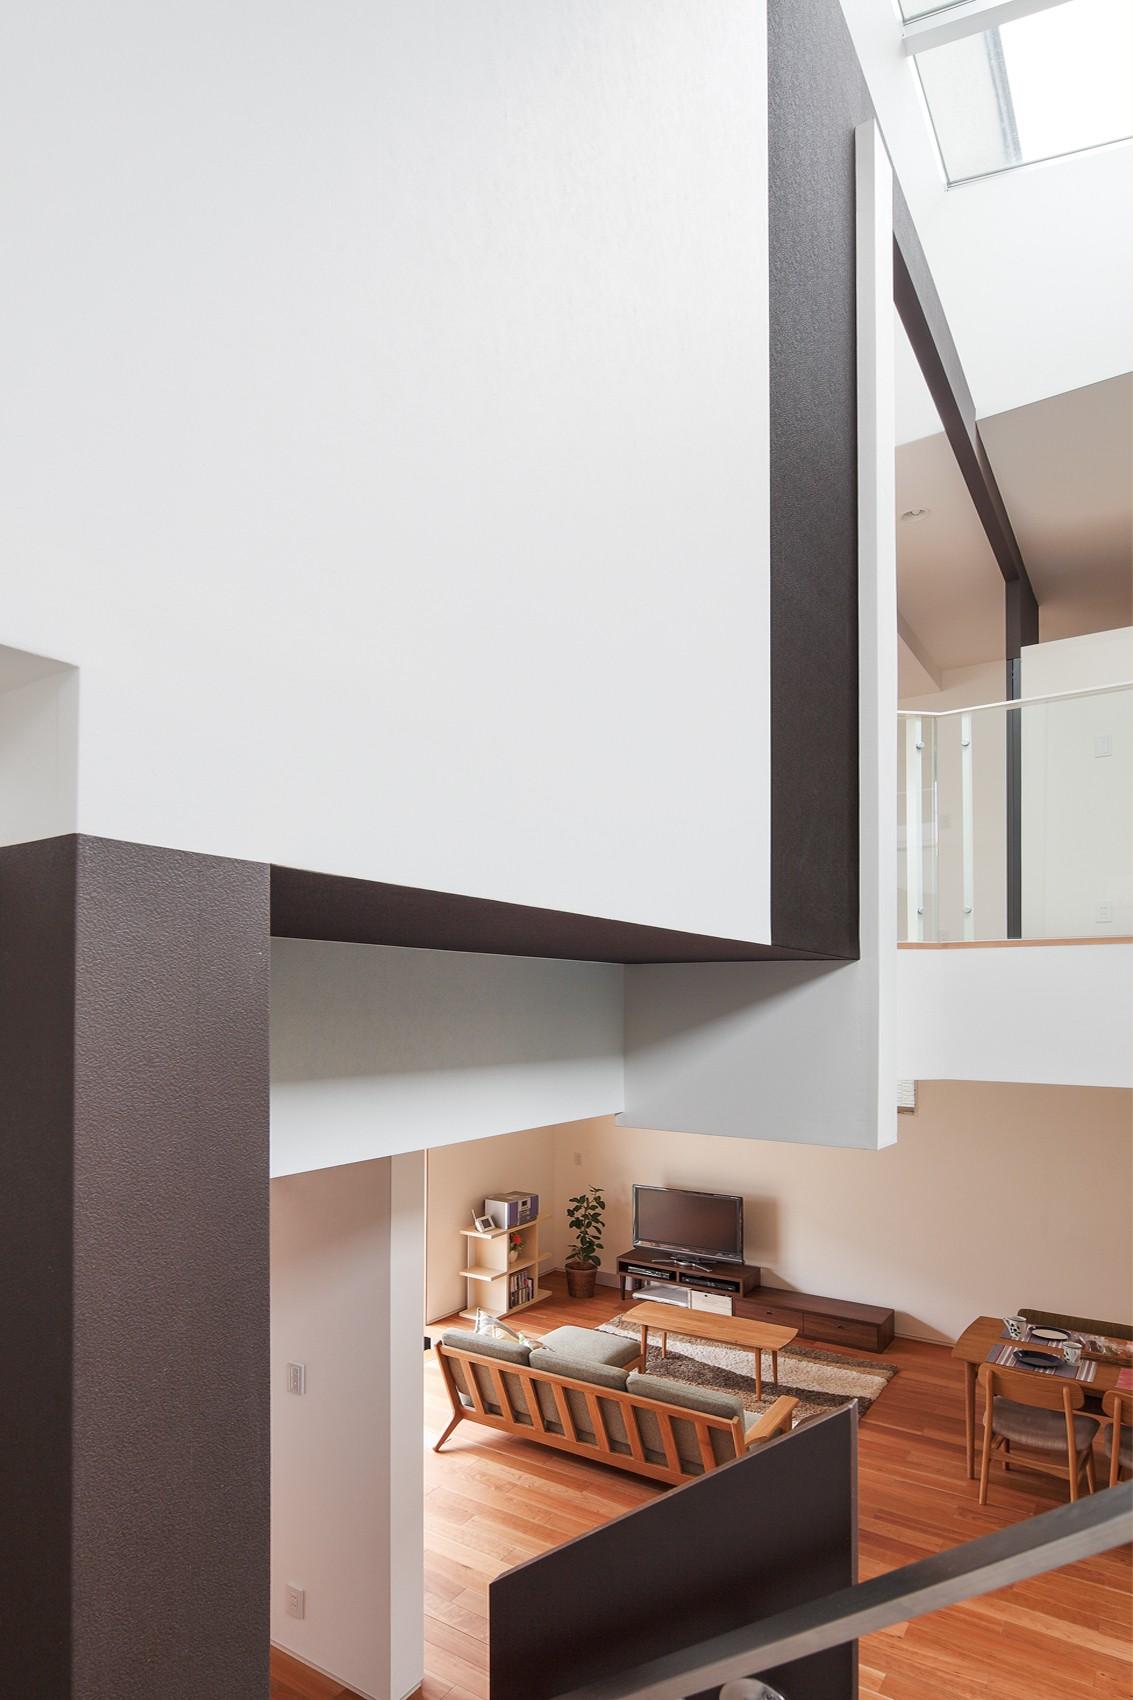 その他事例:階段からの見下ろし(仕事場のある住まい|あなたの場所・自分の居場所を創る|みずみずしいブルーが印象的なWorking Space)